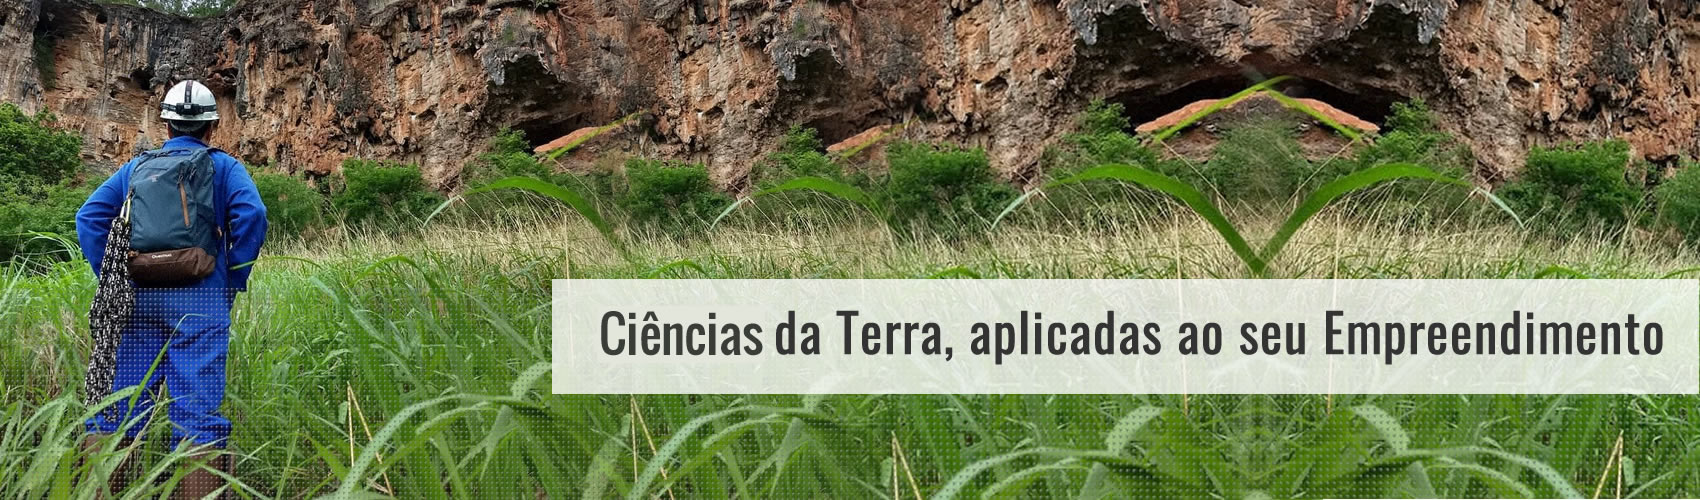 Csc Geologia  & Engenharia - Sete Lagoas/MG